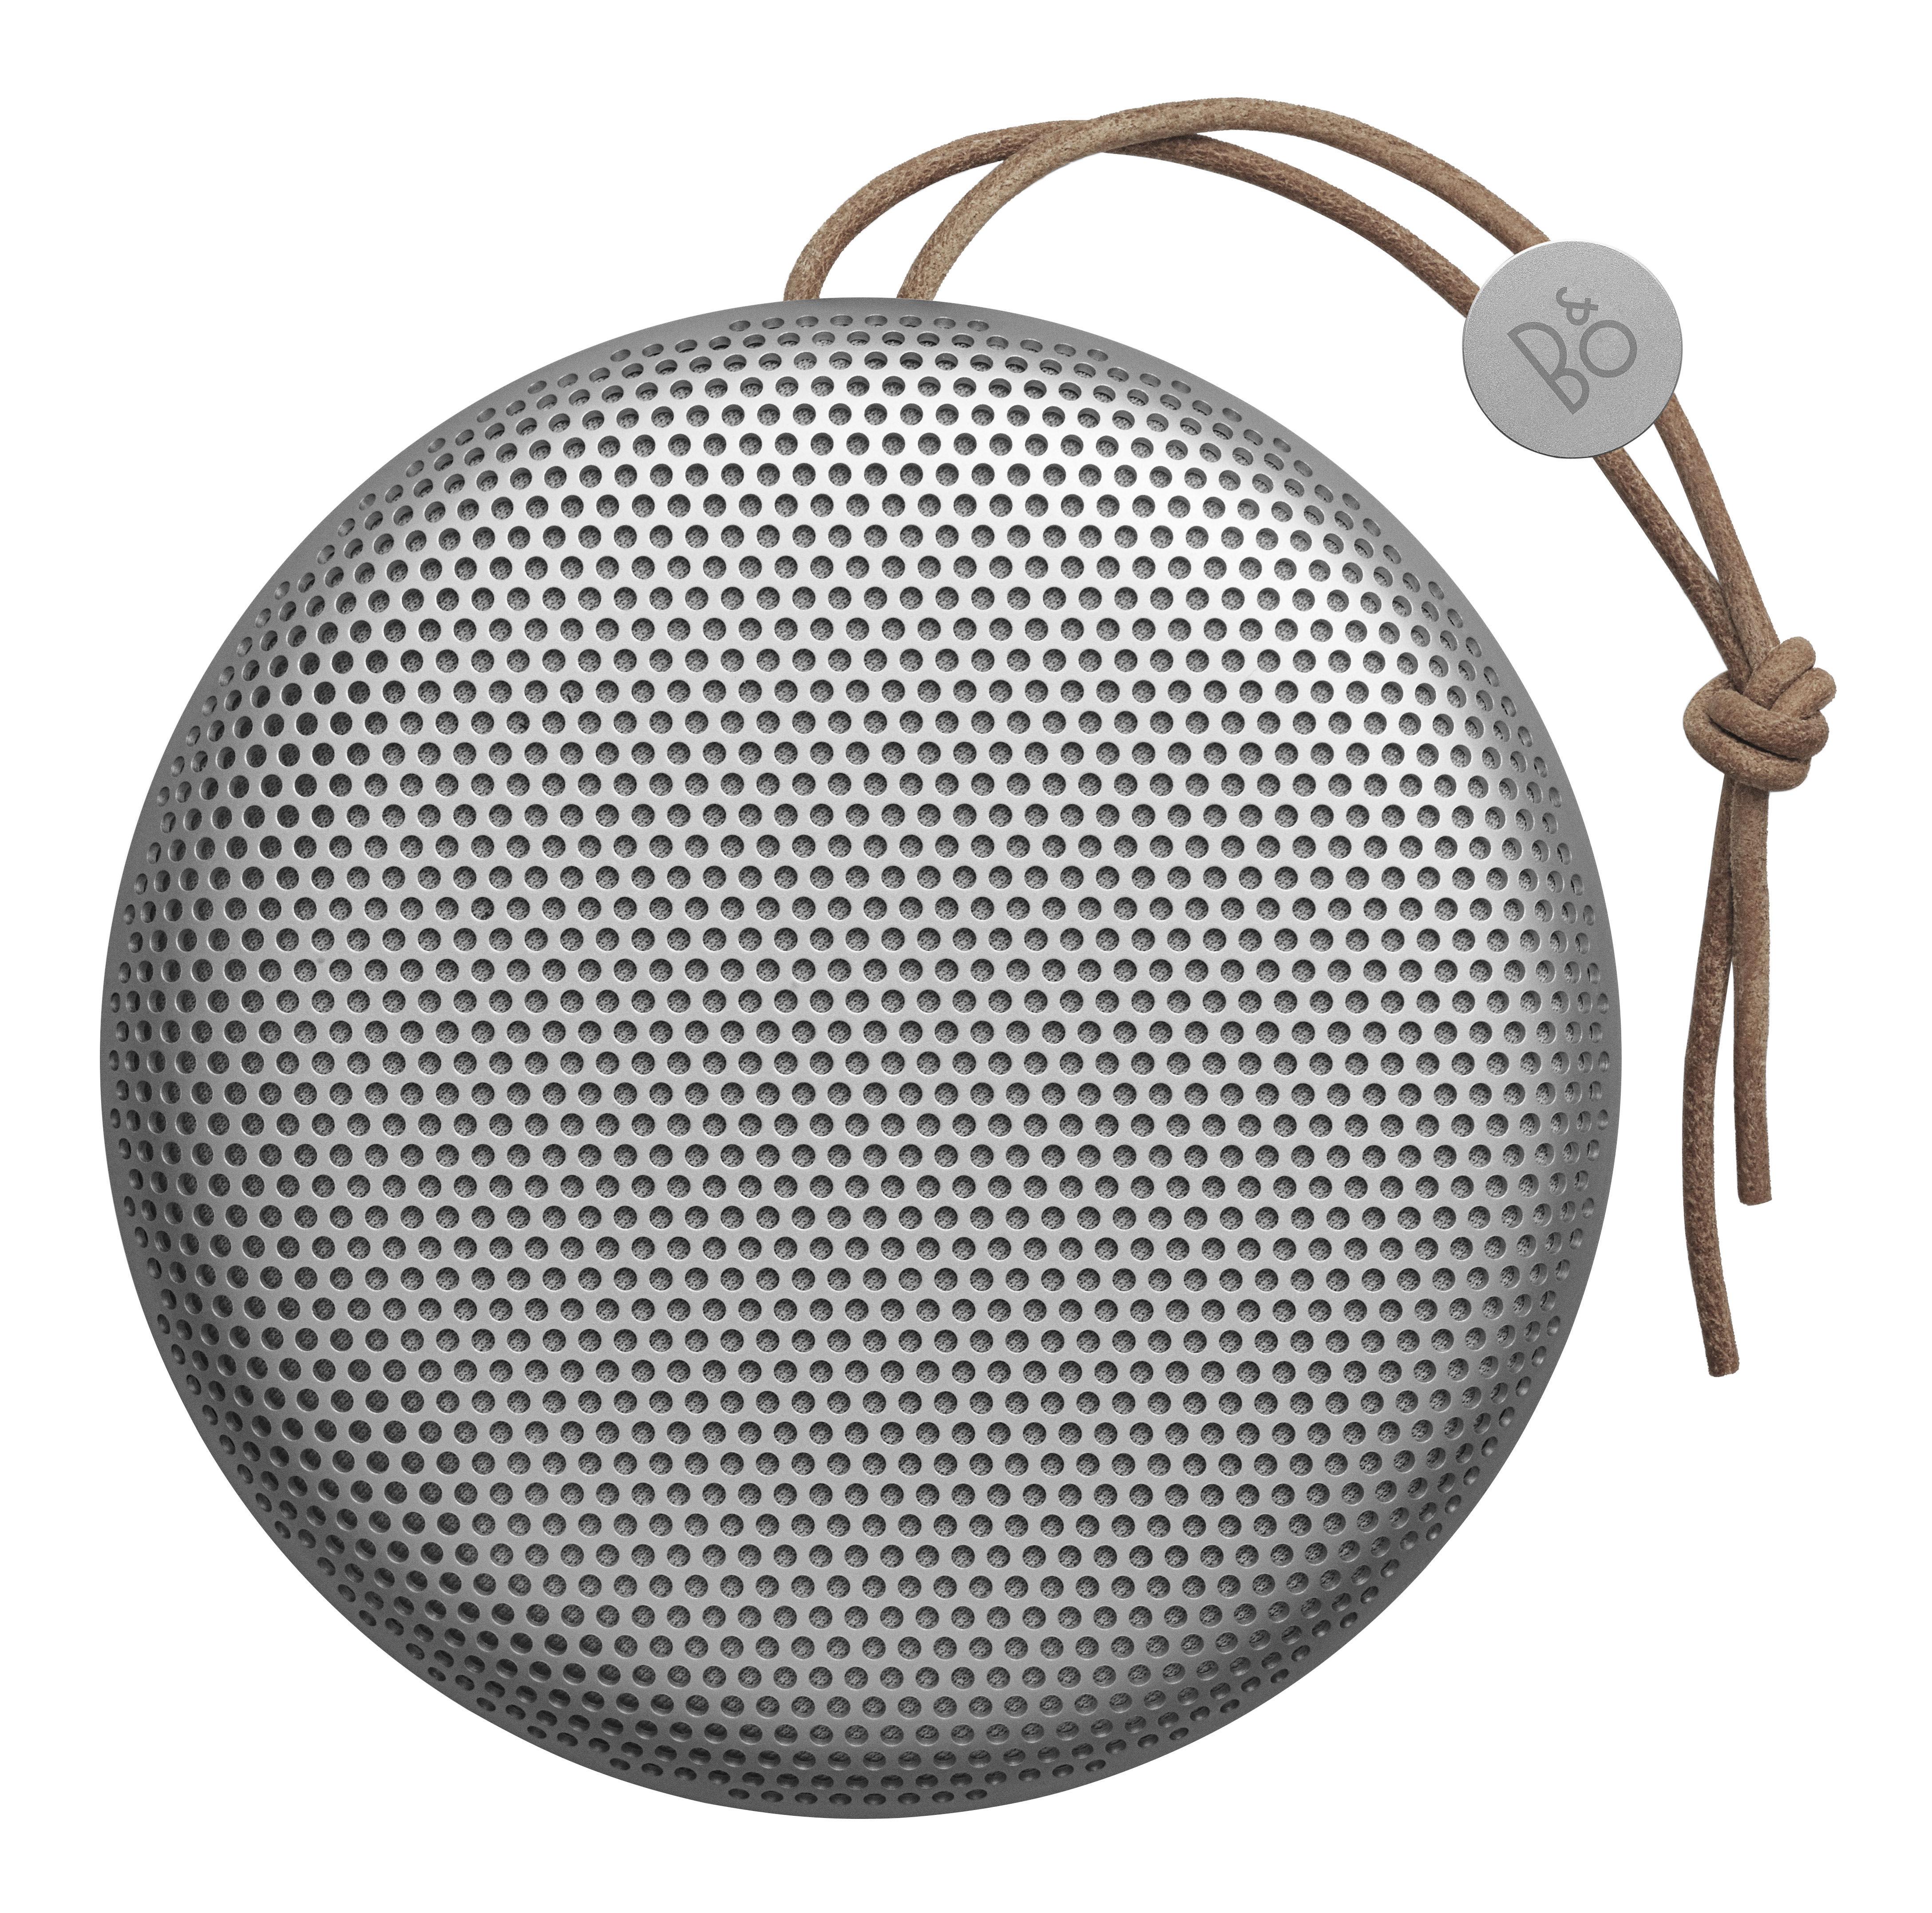 St-Valentin - Pour Elle - Enceinte Bluetooth Beoplay A1 / Sans fil - Poignée cuir - B&O PLAY by Bang & Olufsen - Gris / Cordon naturel - Aluminium, Cuir